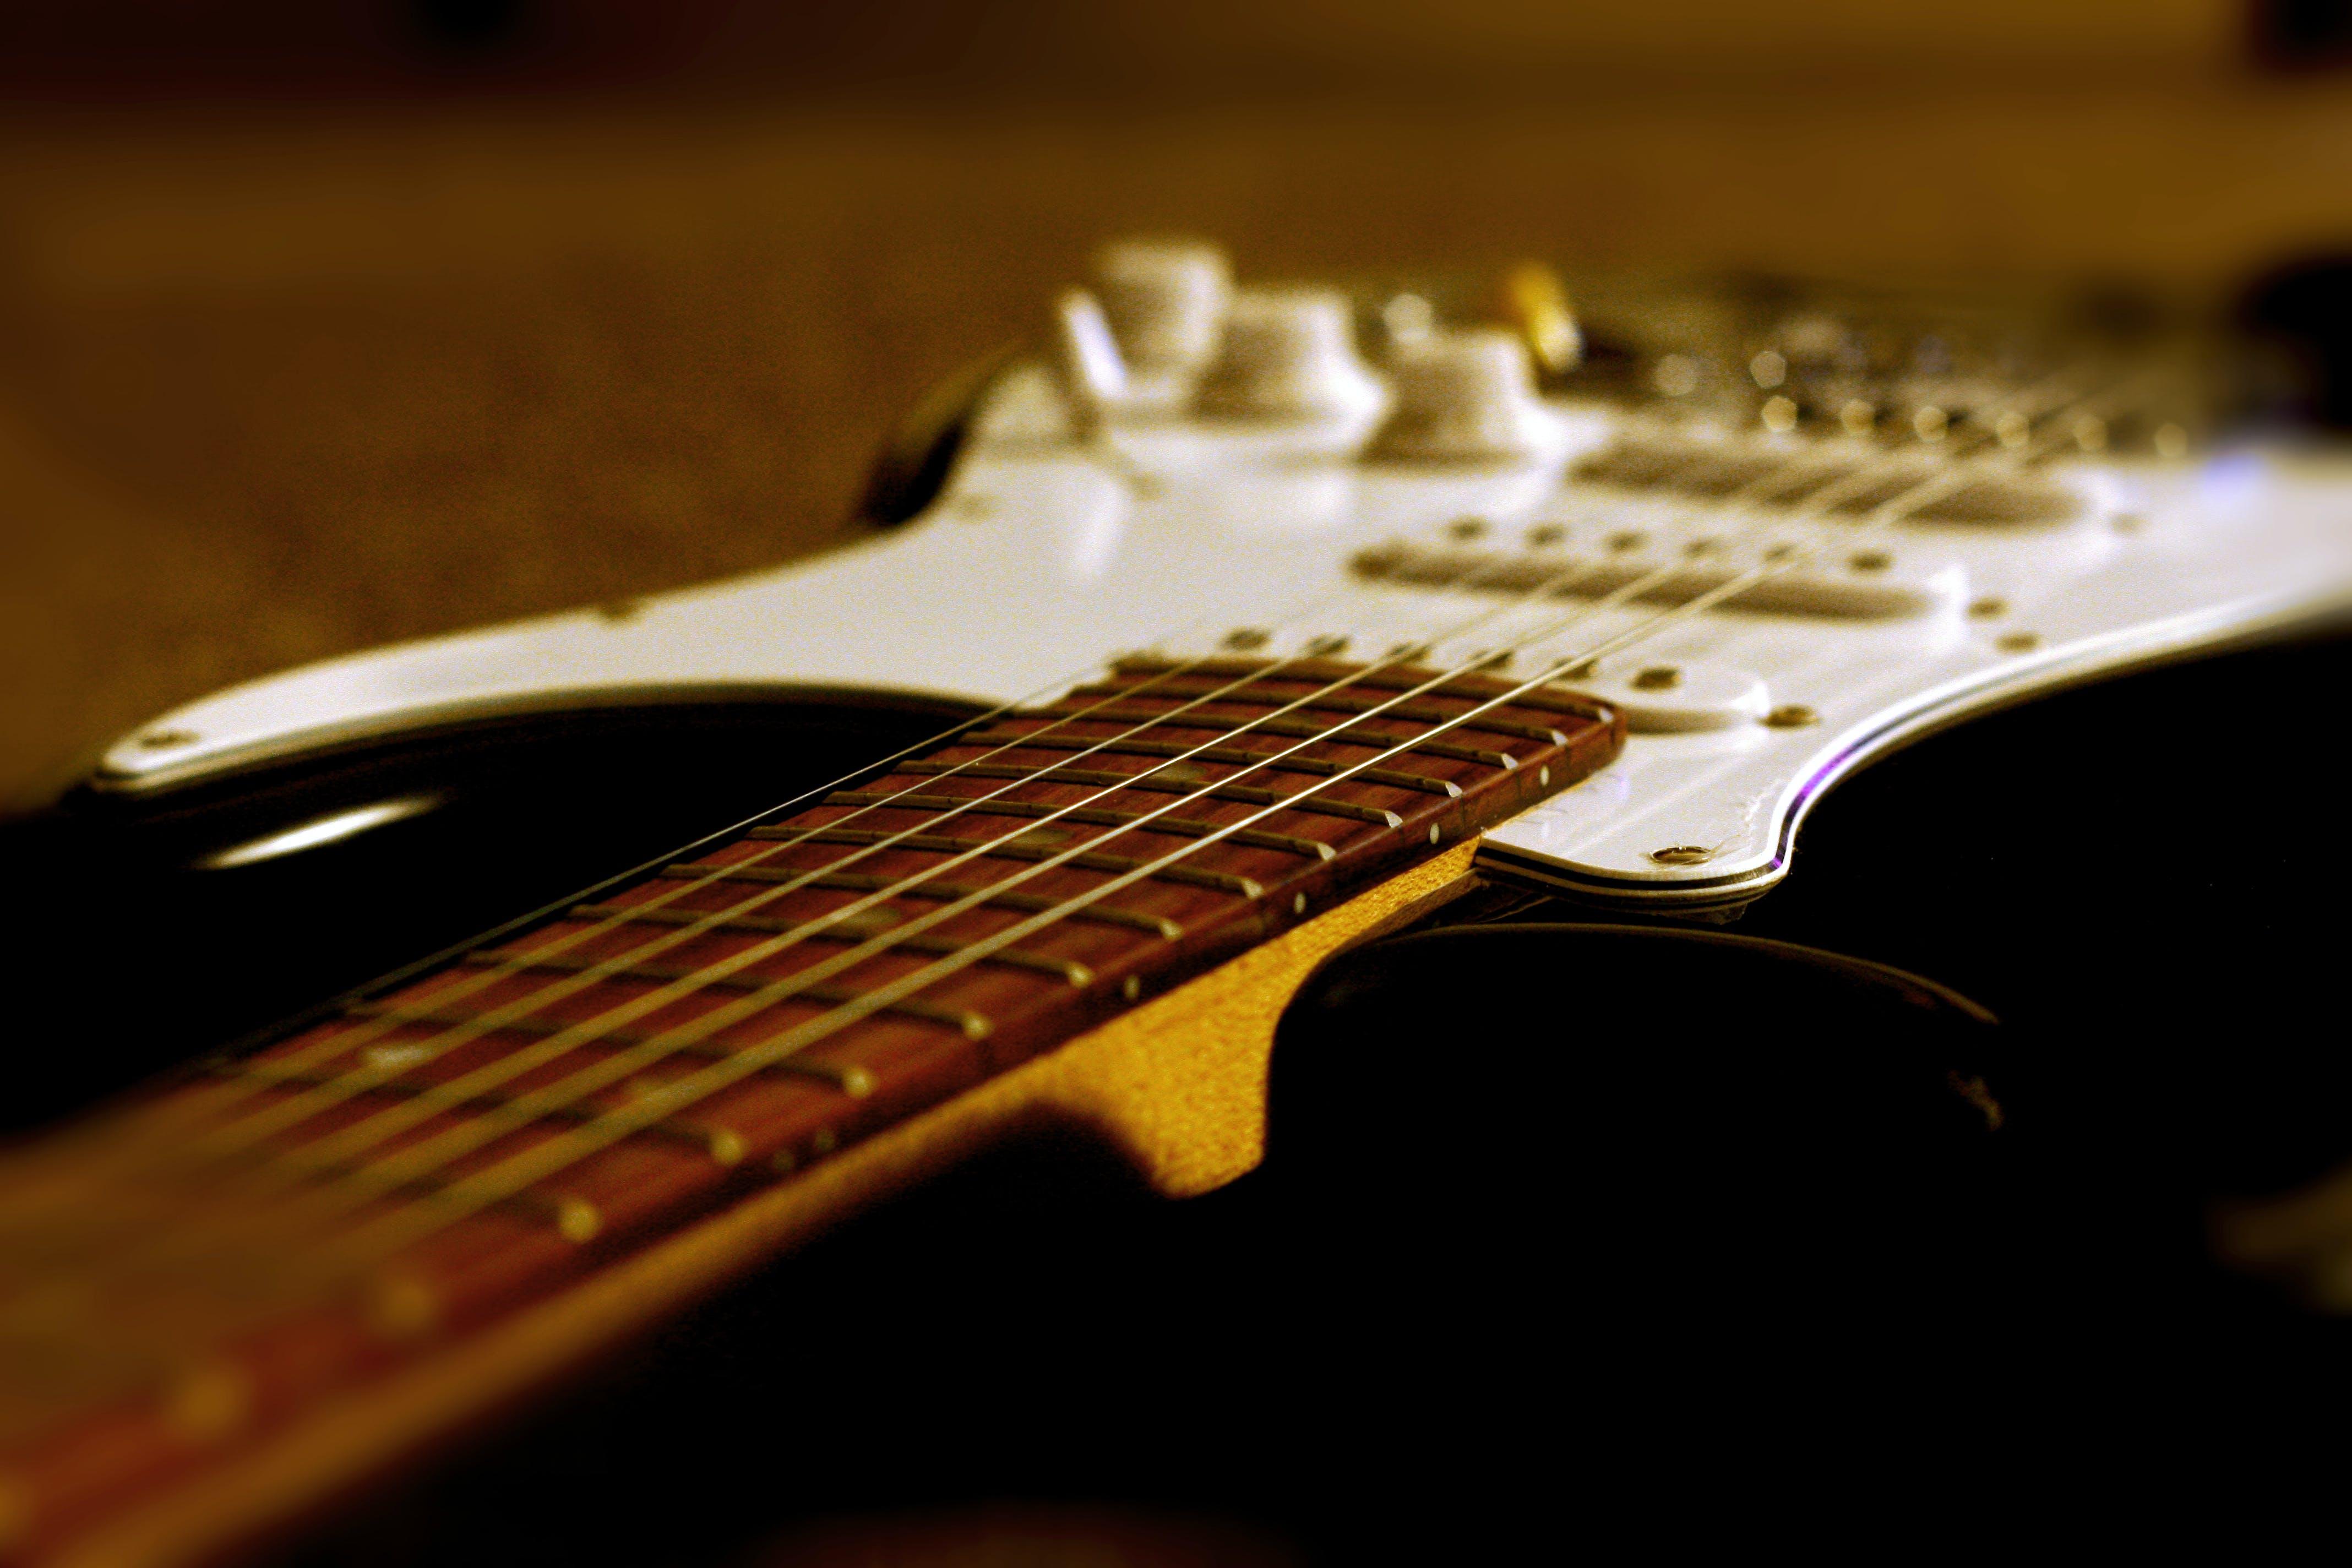 Základová fotografie zdarma na téma elektrická kytara, kytara, kytarová klávesnice